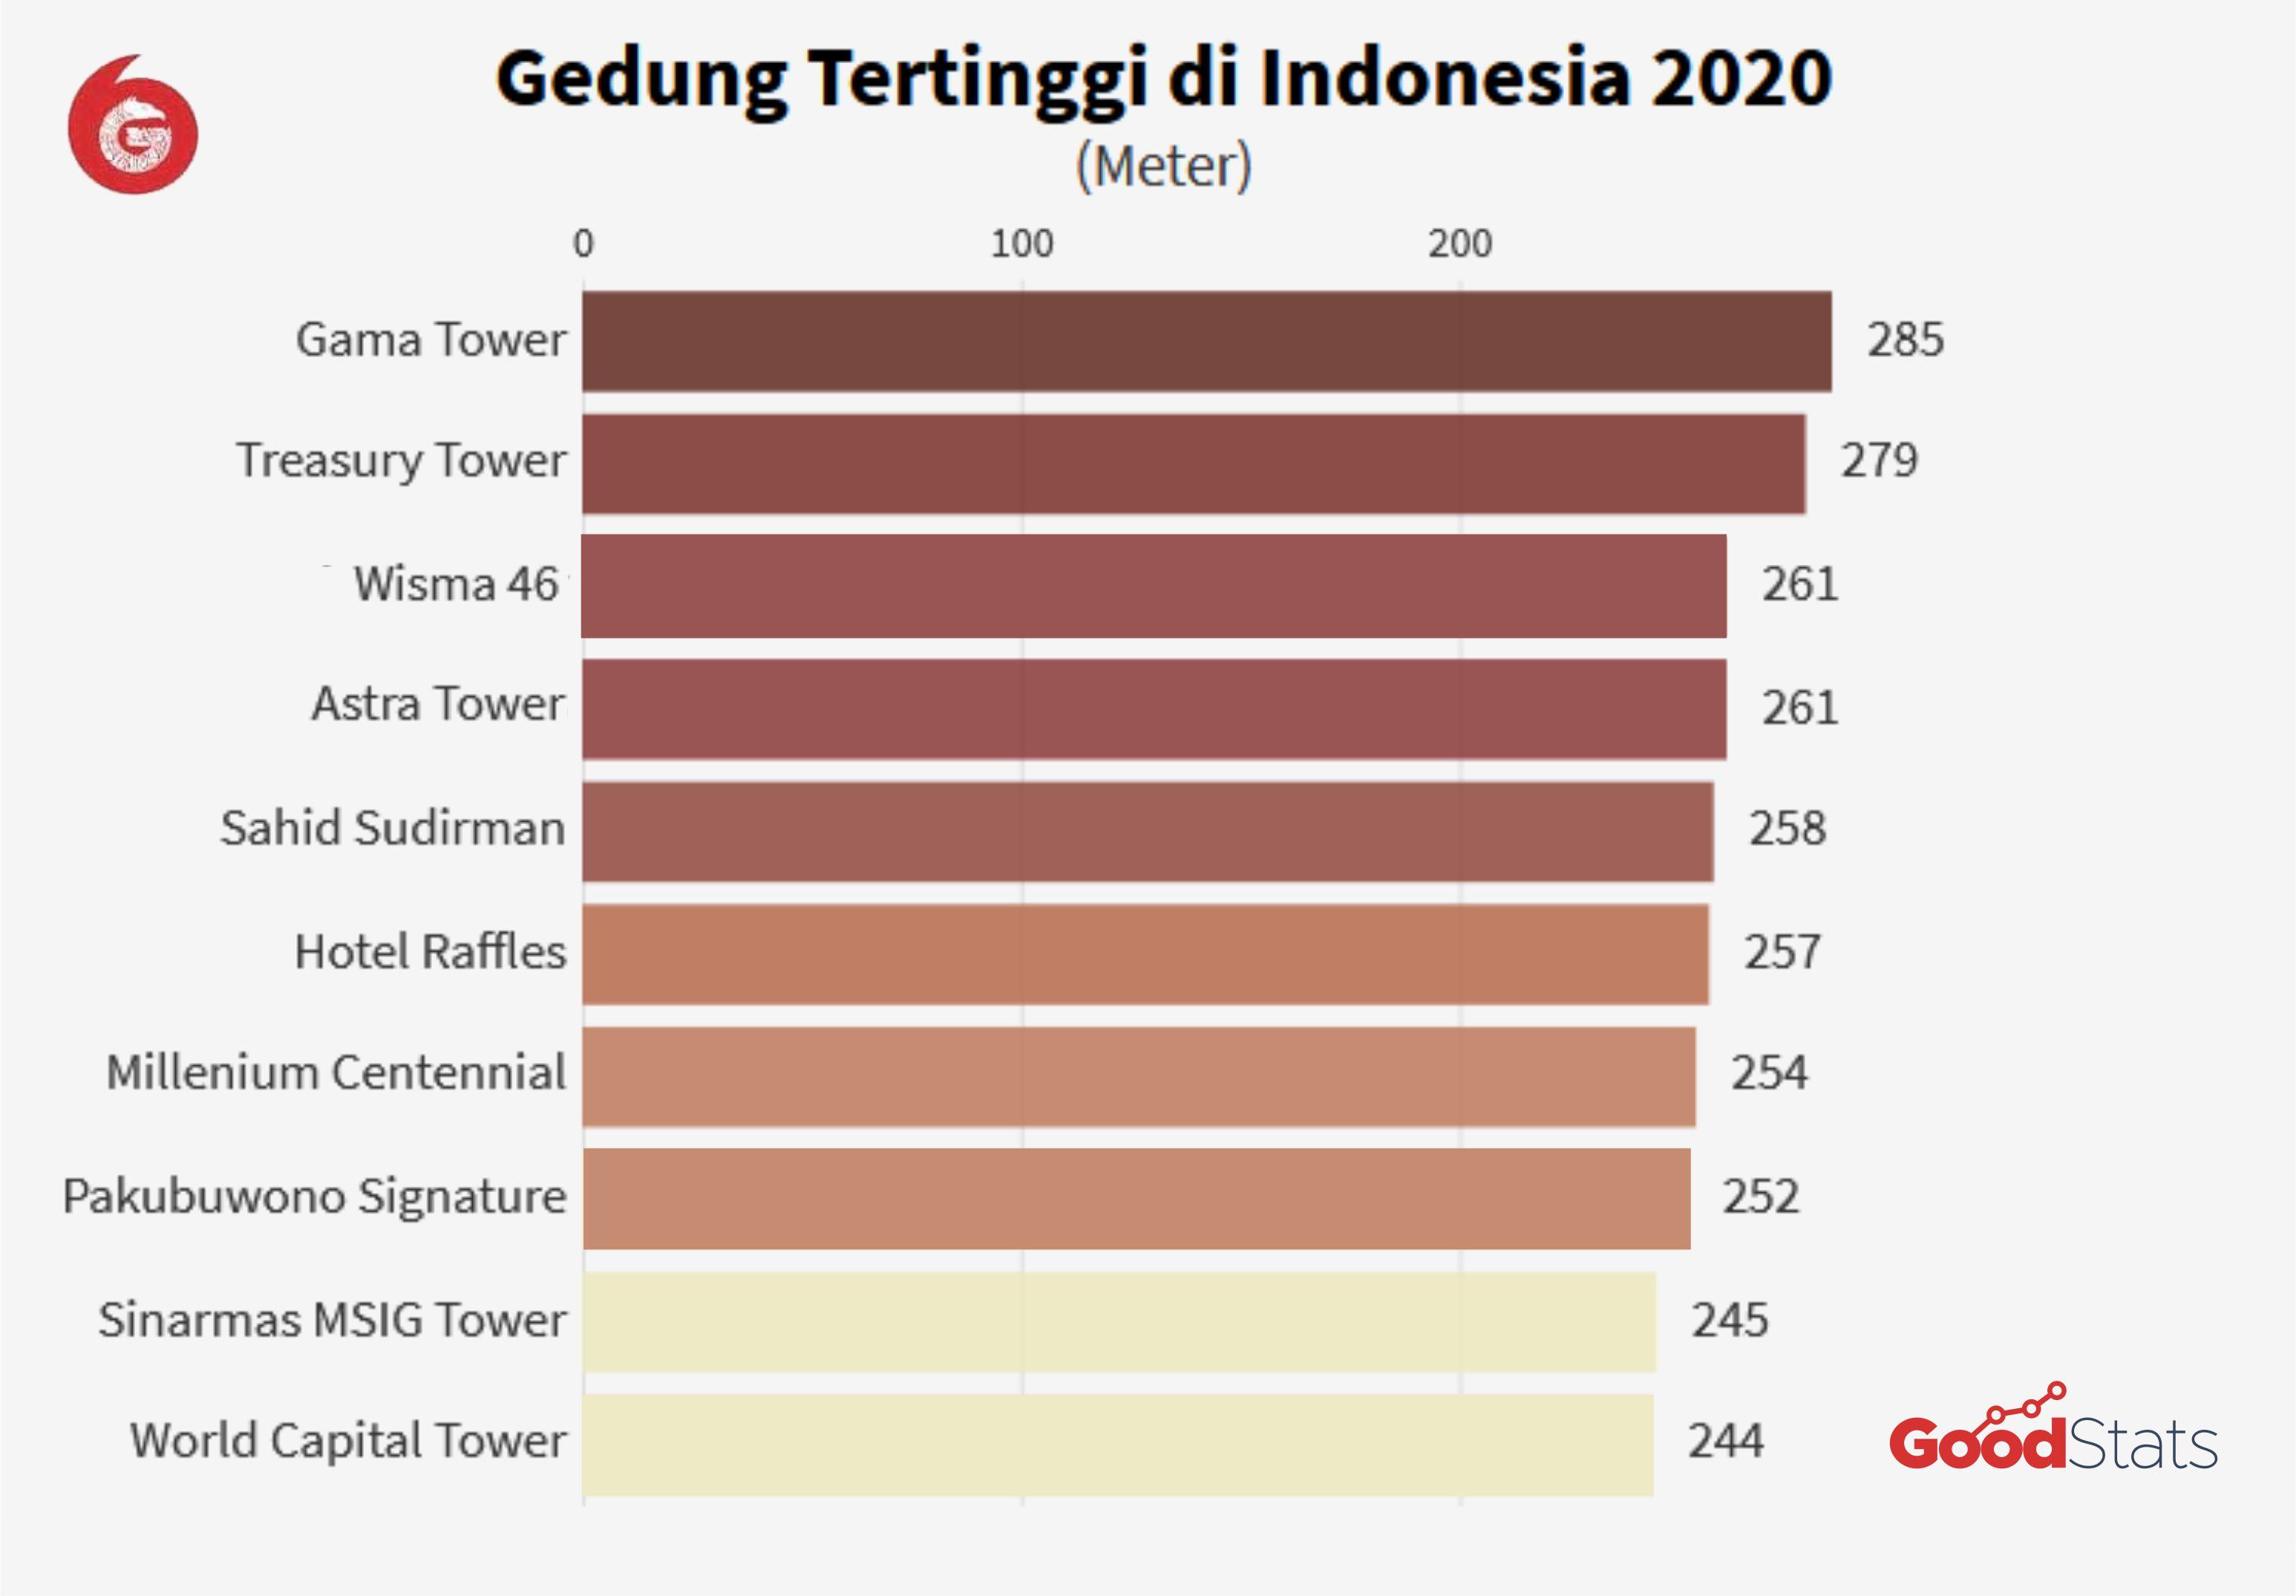 10 gedung tertinggi di Indonesia 2020